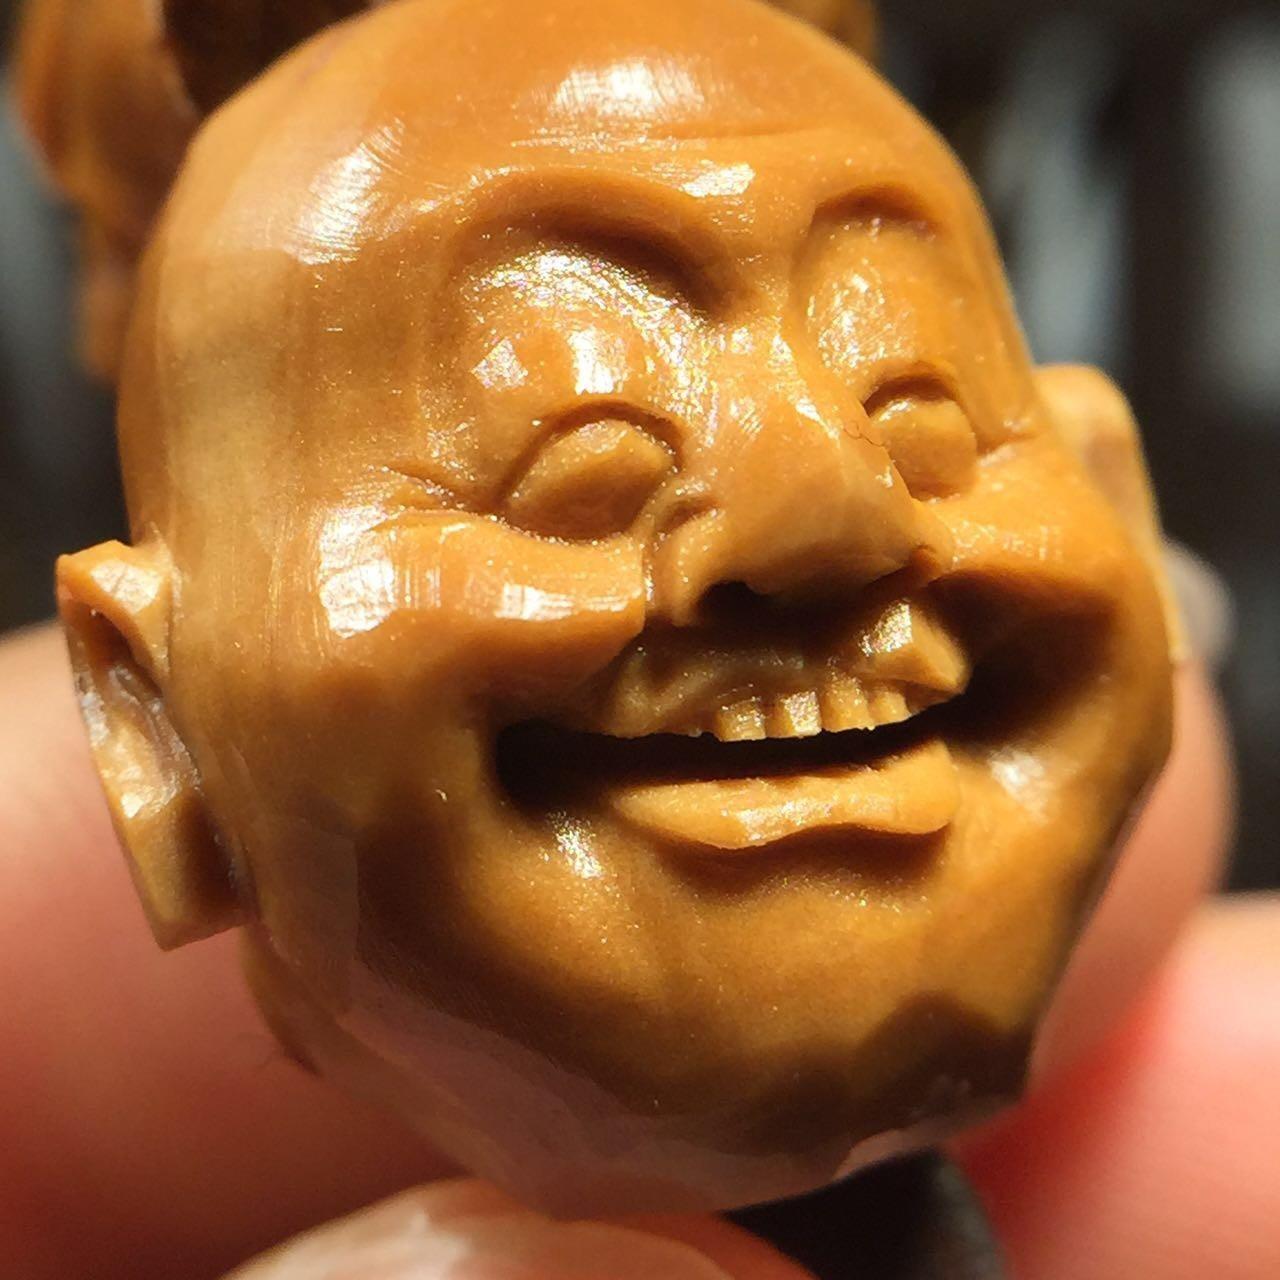 苏工纯手工雕刻,精美橄榄核雕在此!